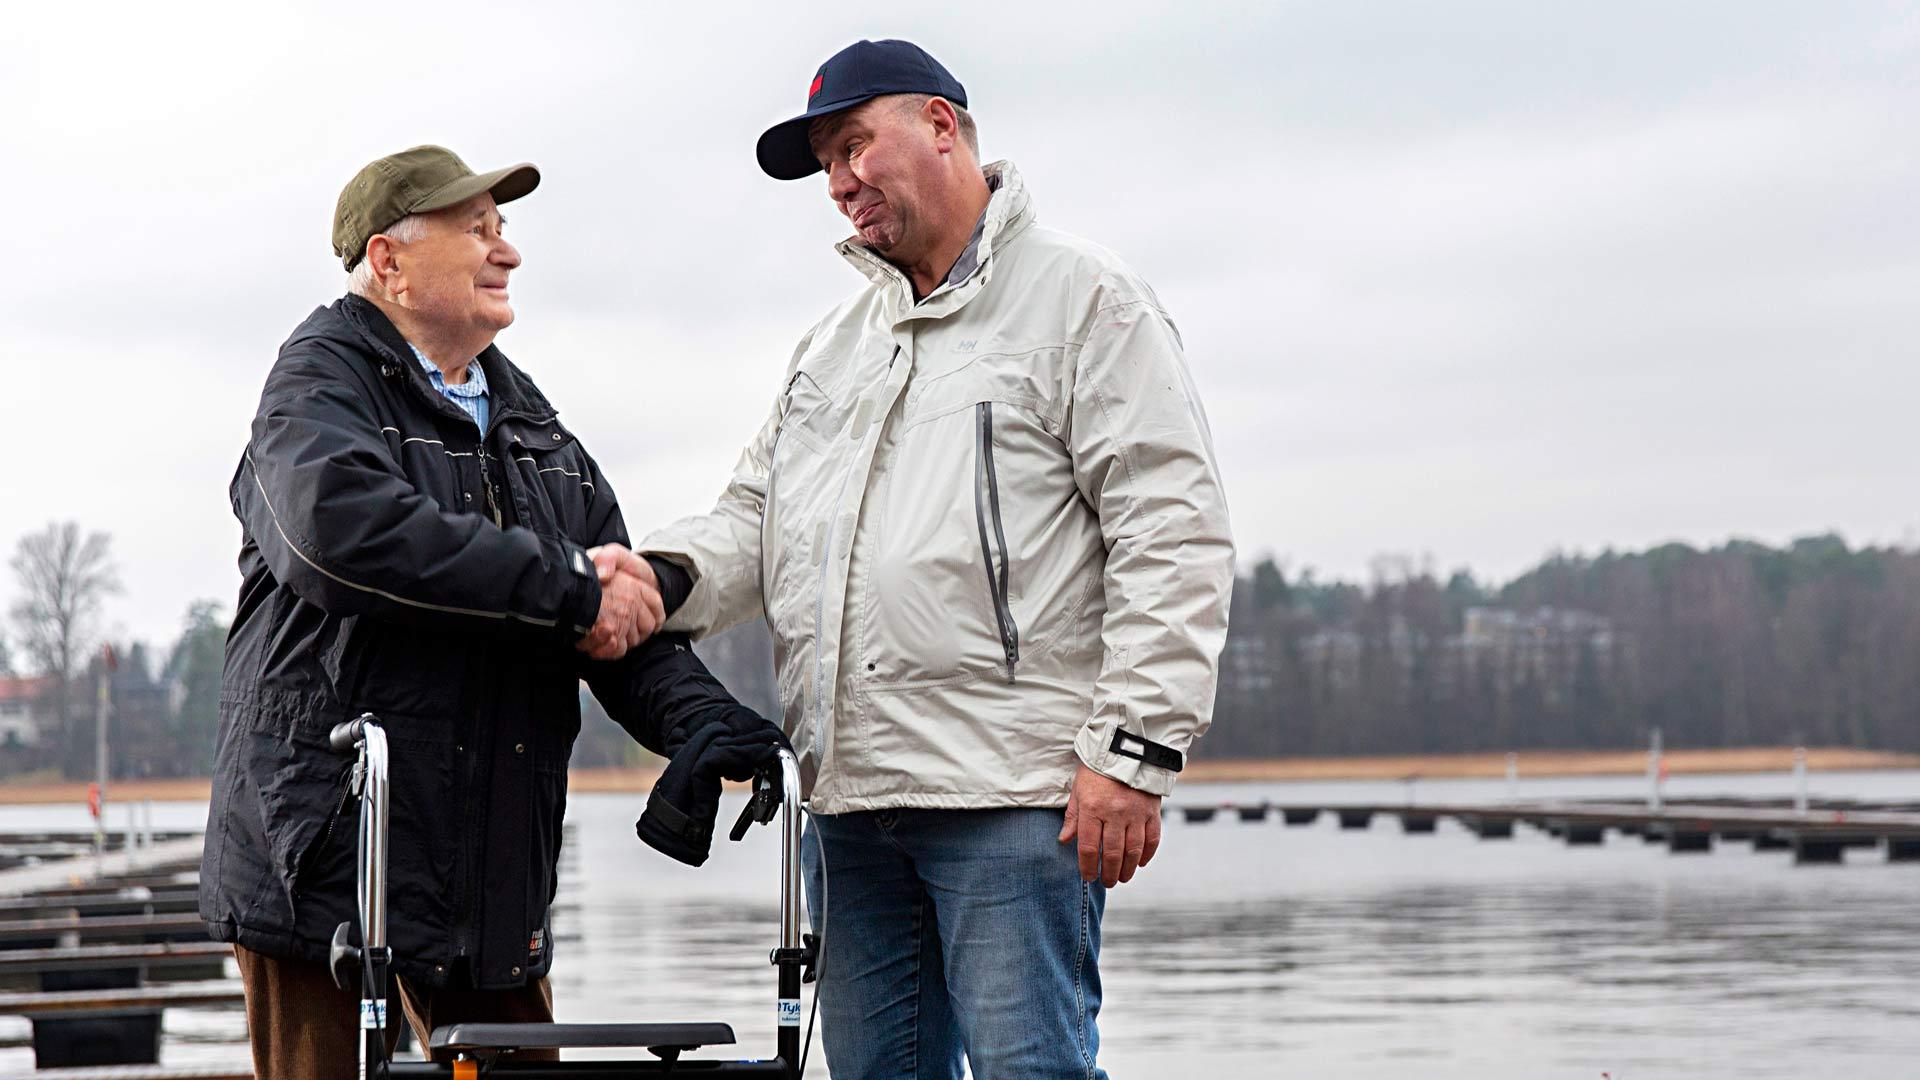 Ole Sundberg kuljetti työtoverinsa kanssa Neuvostoliitosta paenneen Mart Vahterin veneellään Soukan venekerhon laituriin vuonna 1978.